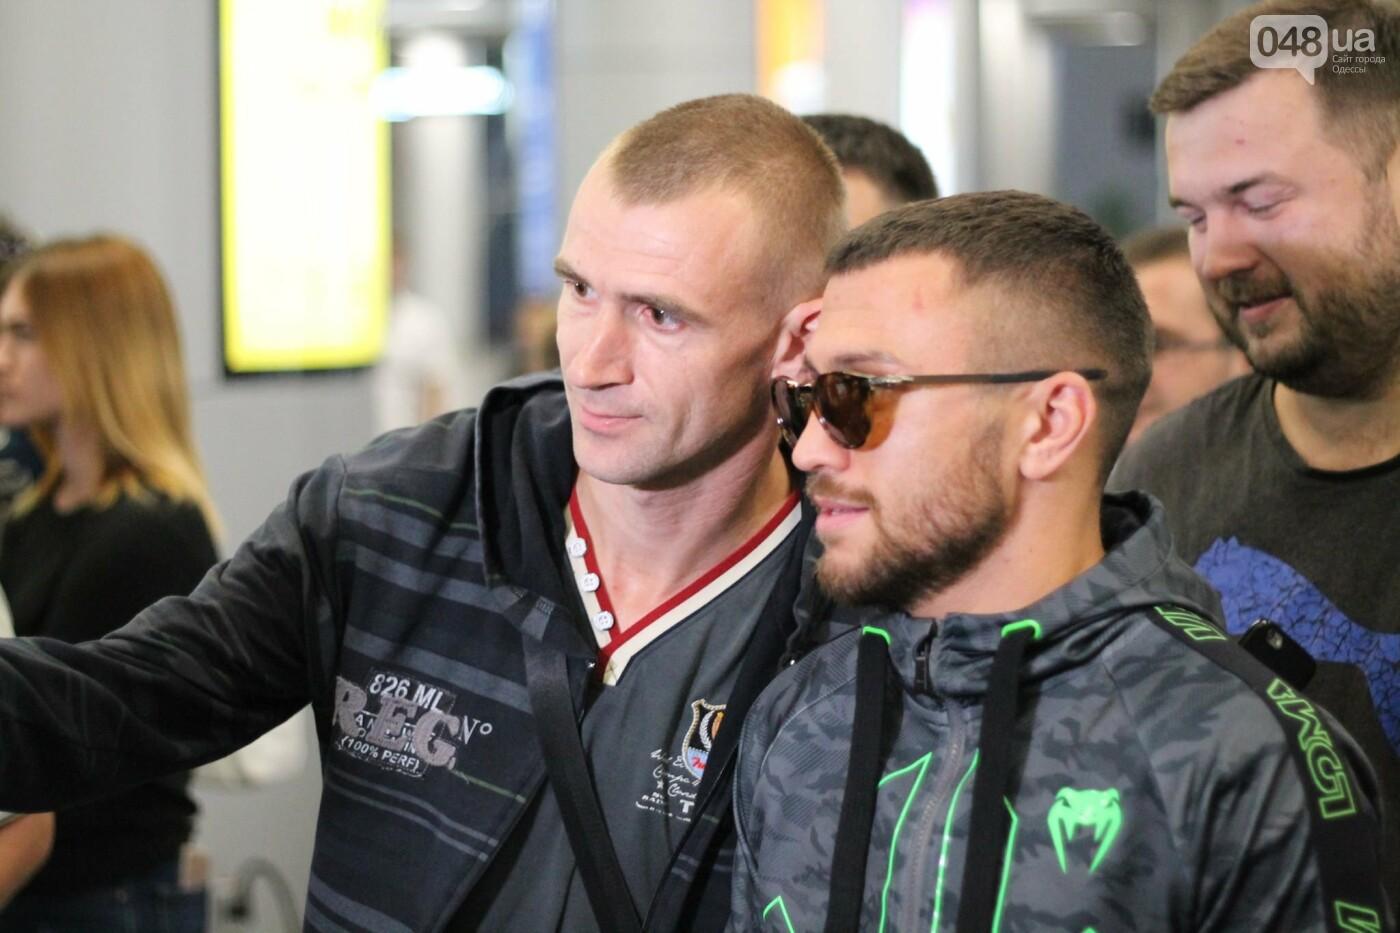 Василий Ломаченко прилетел в Одессу: как встречали боксера в аэропорту, - ФОТО, ВИДЕО, фото-4